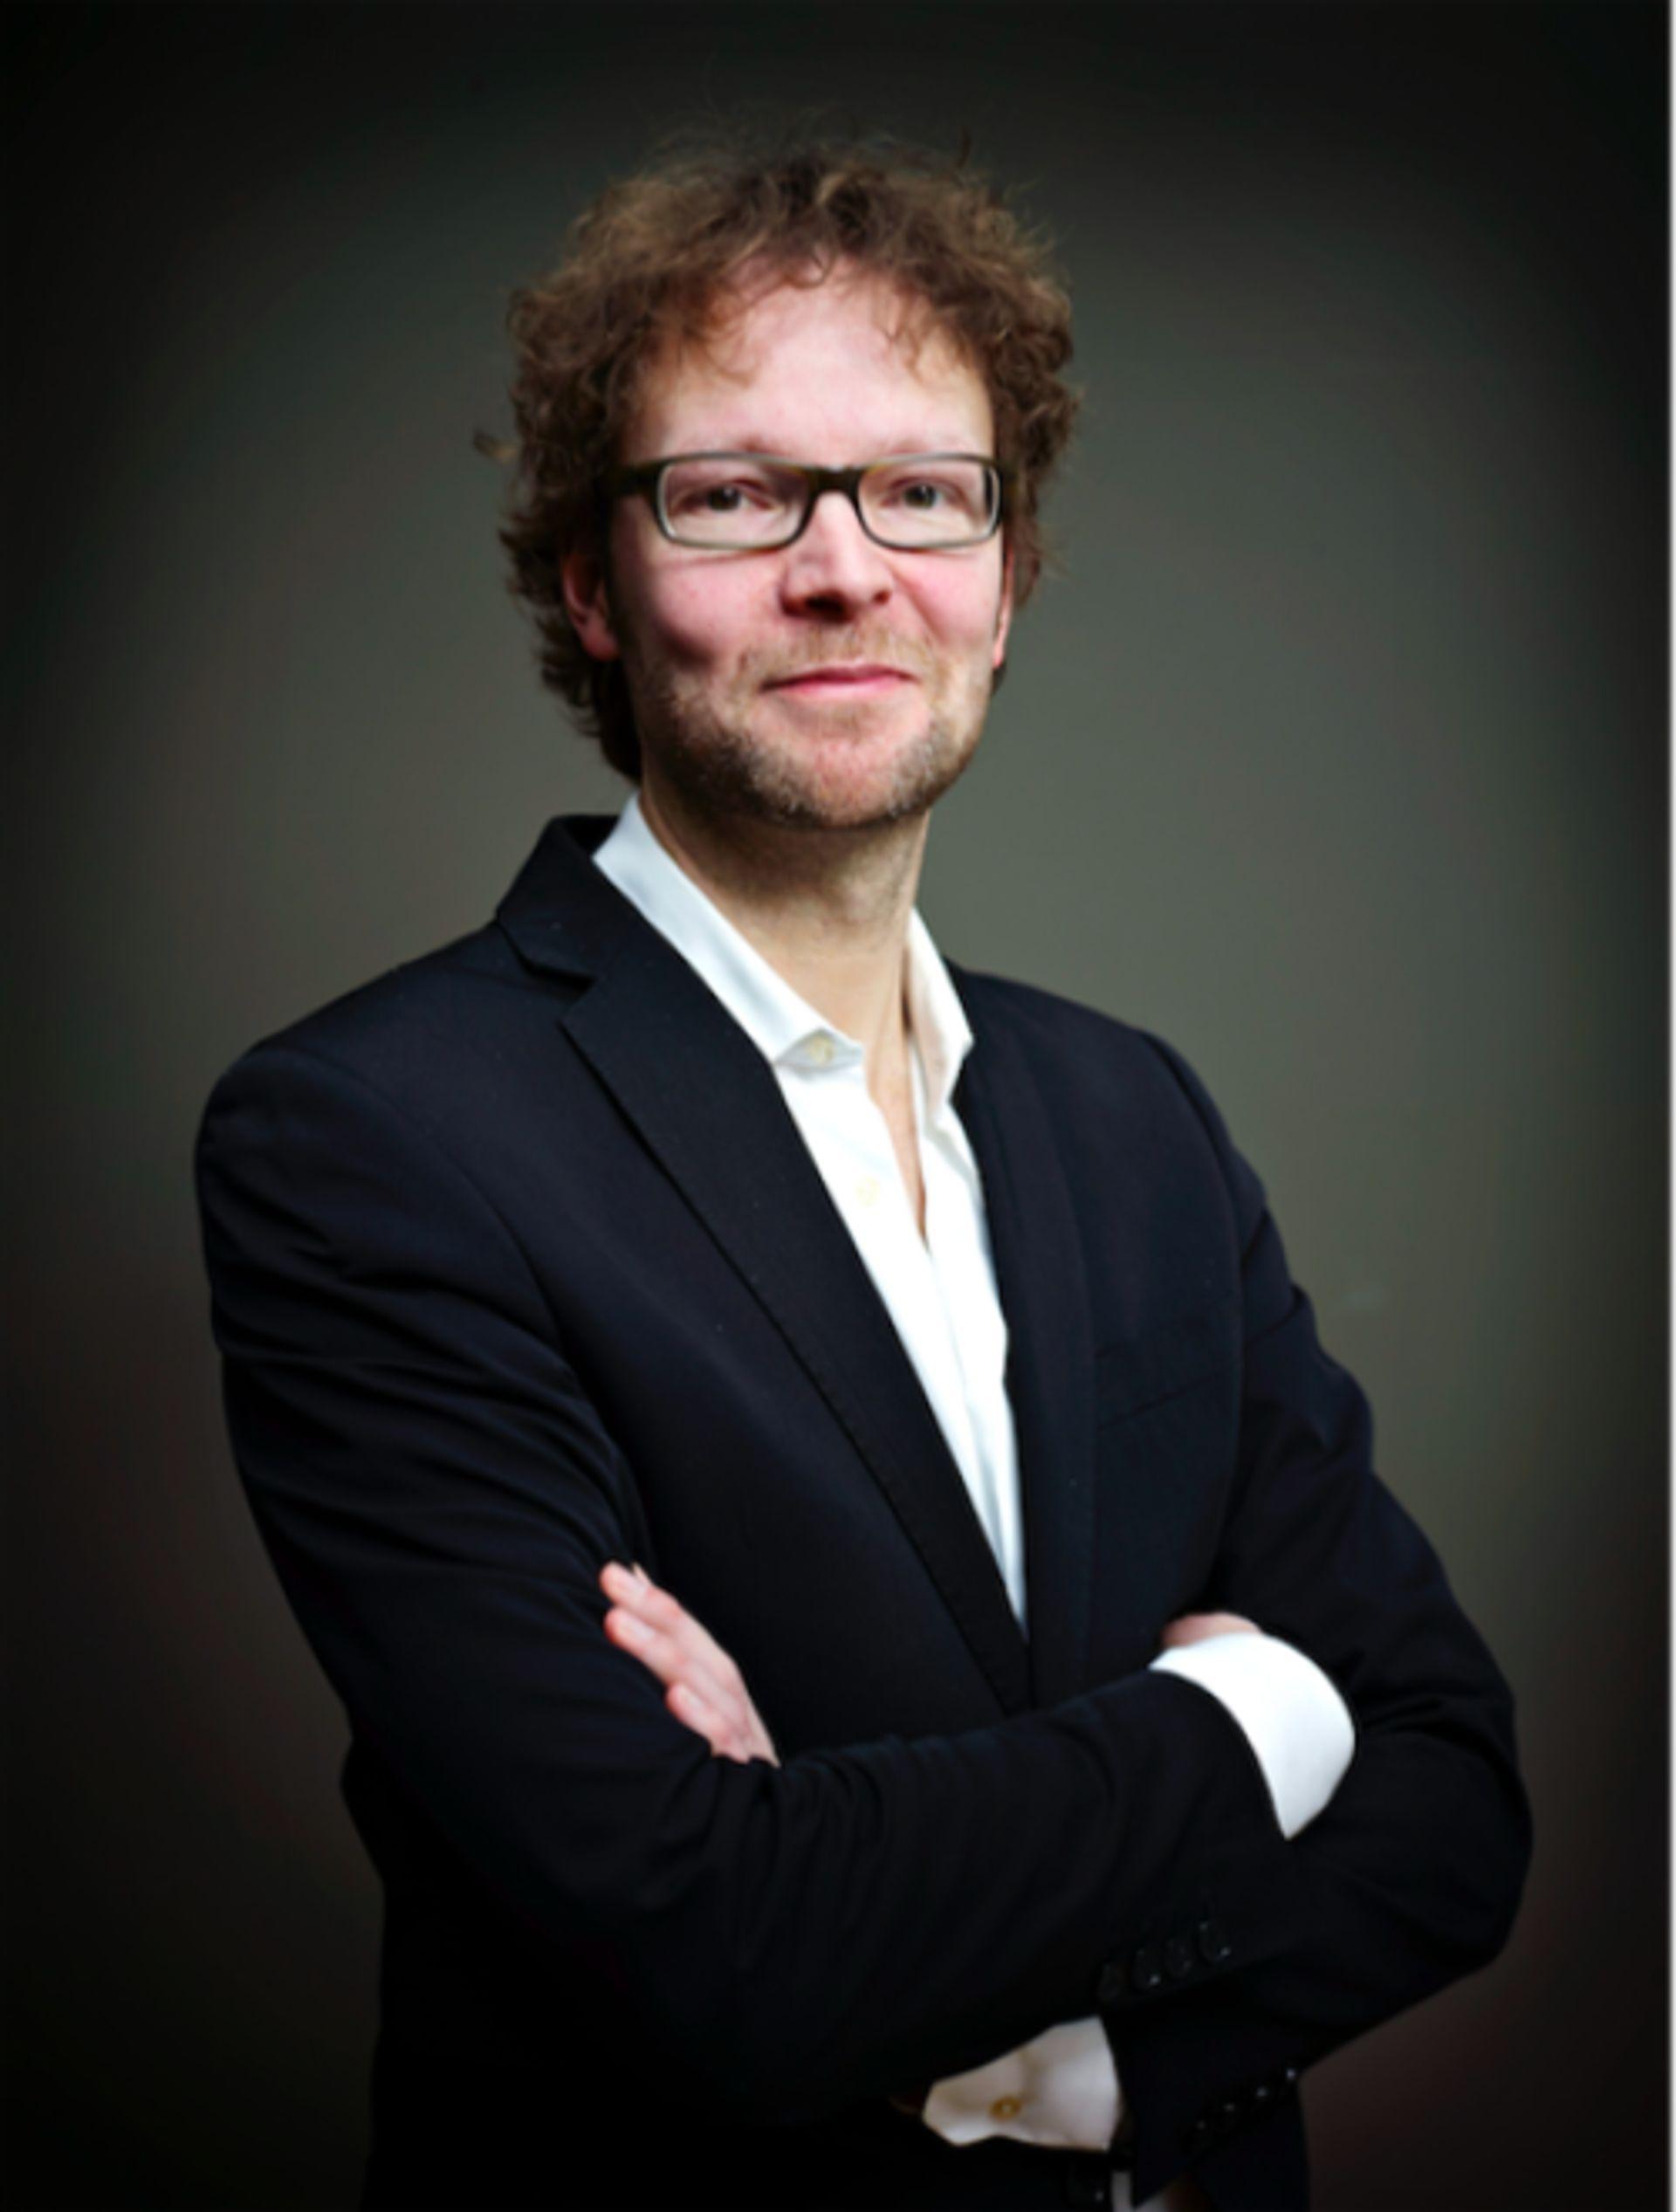 MaartenJan de Woordenman: Afgelast is het woord van de dag